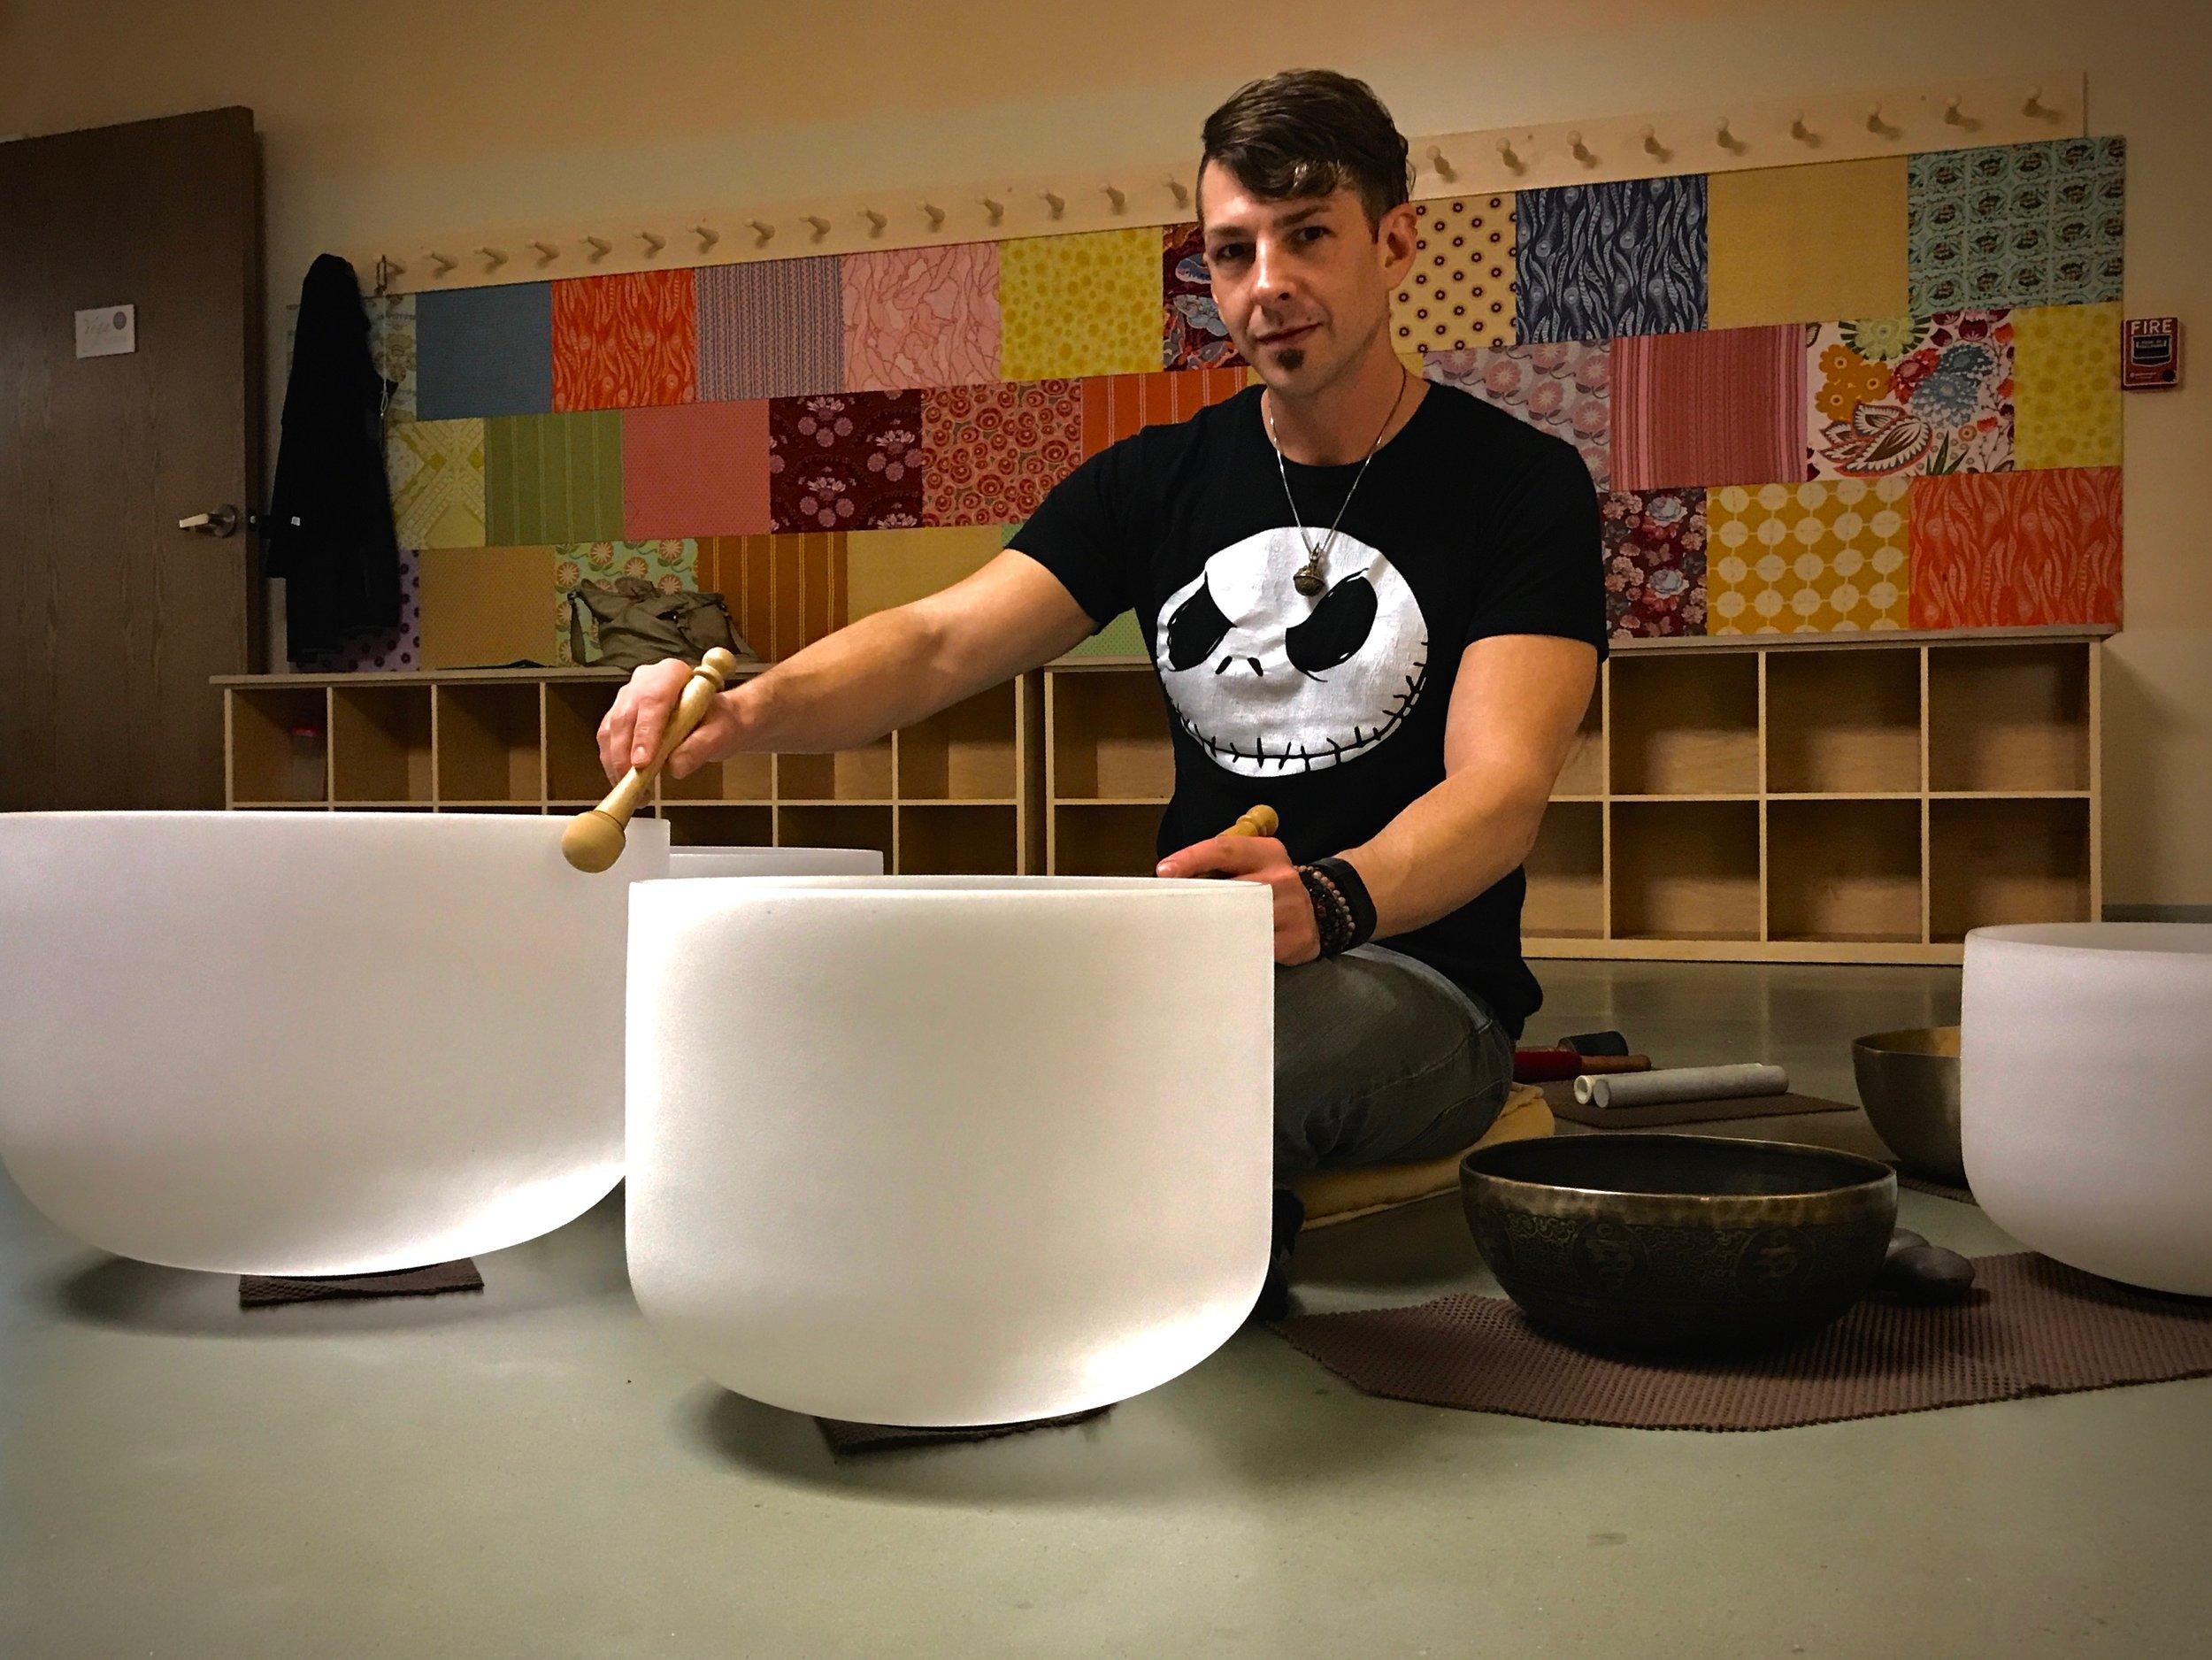 David Ascenza with crystal bowls